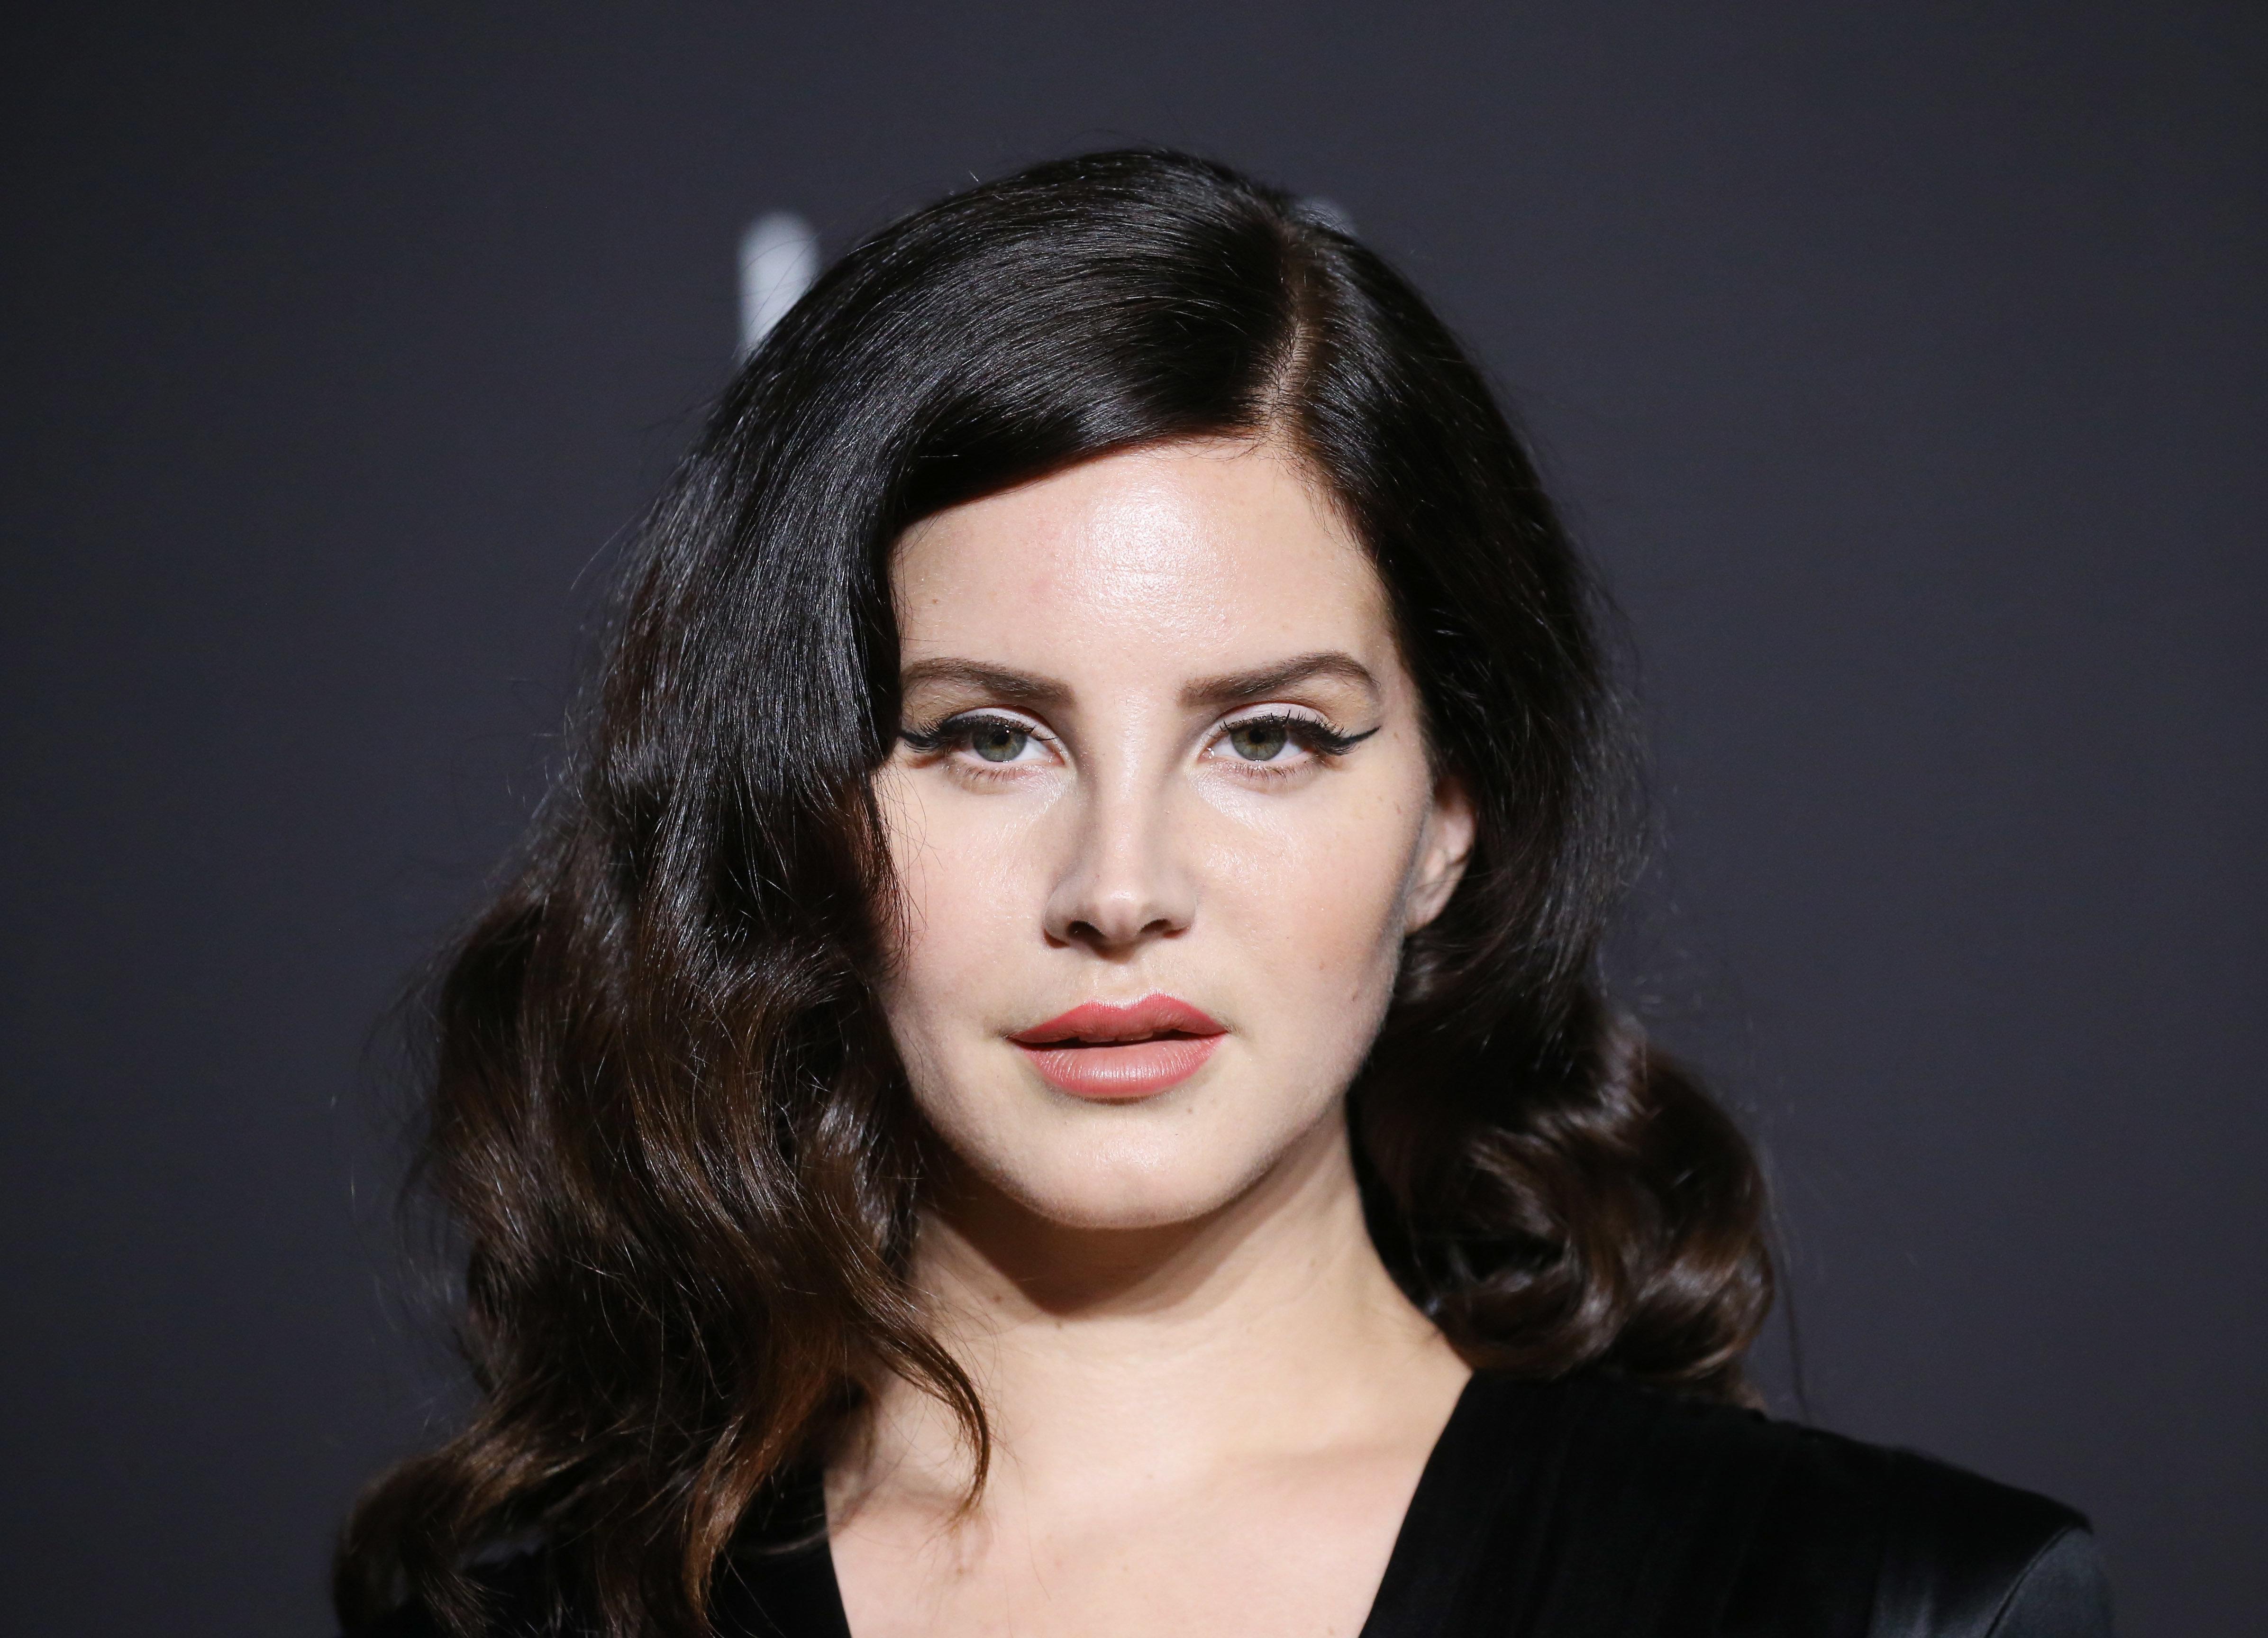 Lana Violet